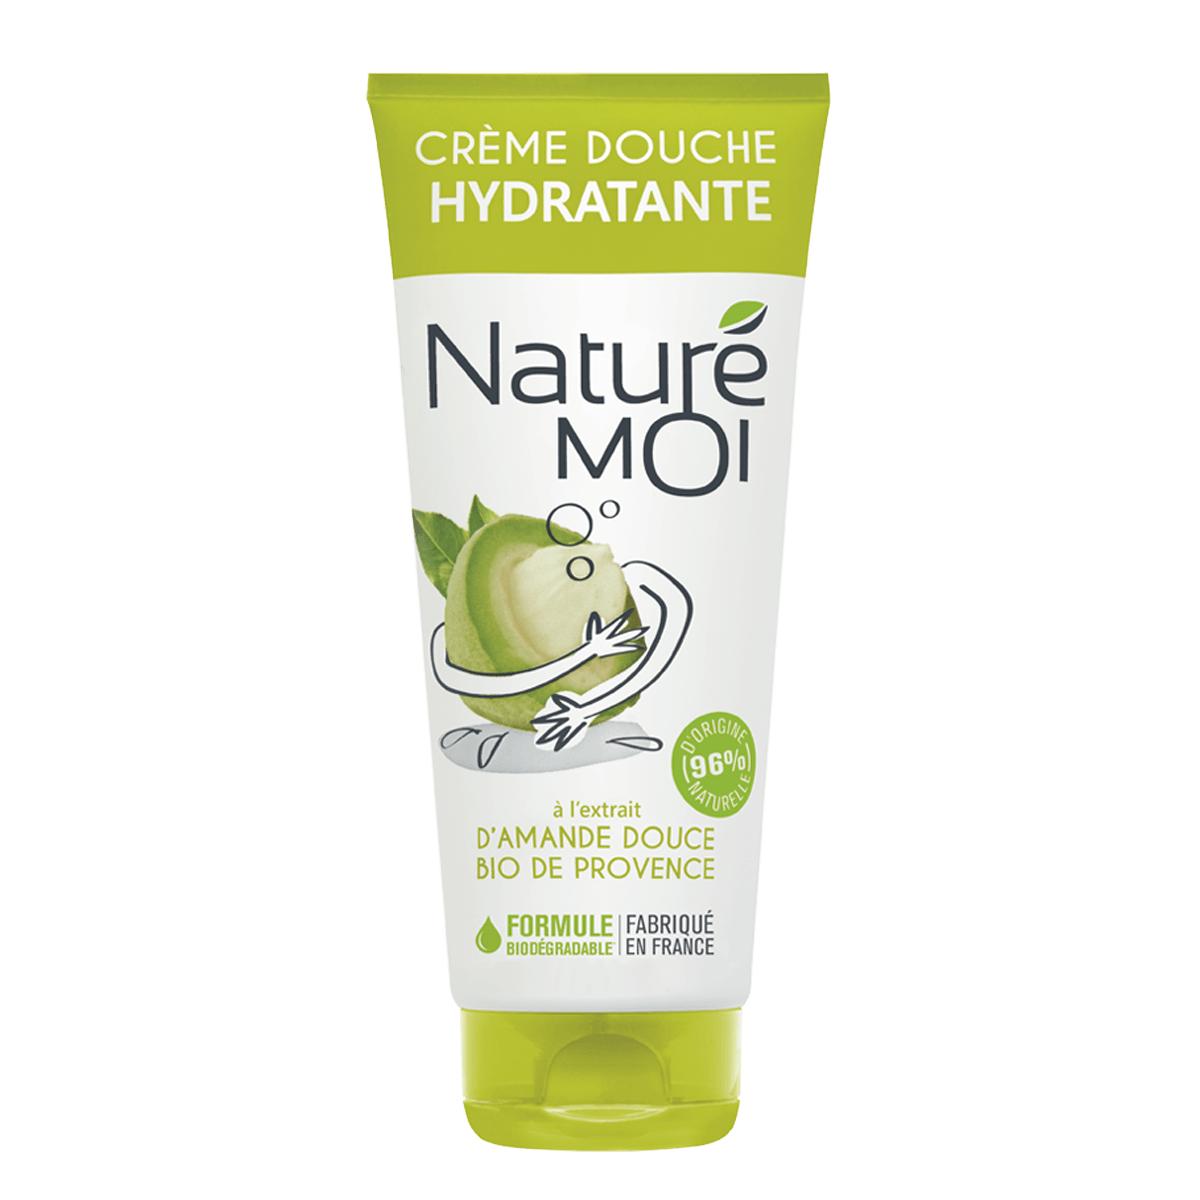 Image Crème Douche Hydratante à l'amande douce BIO de Provence